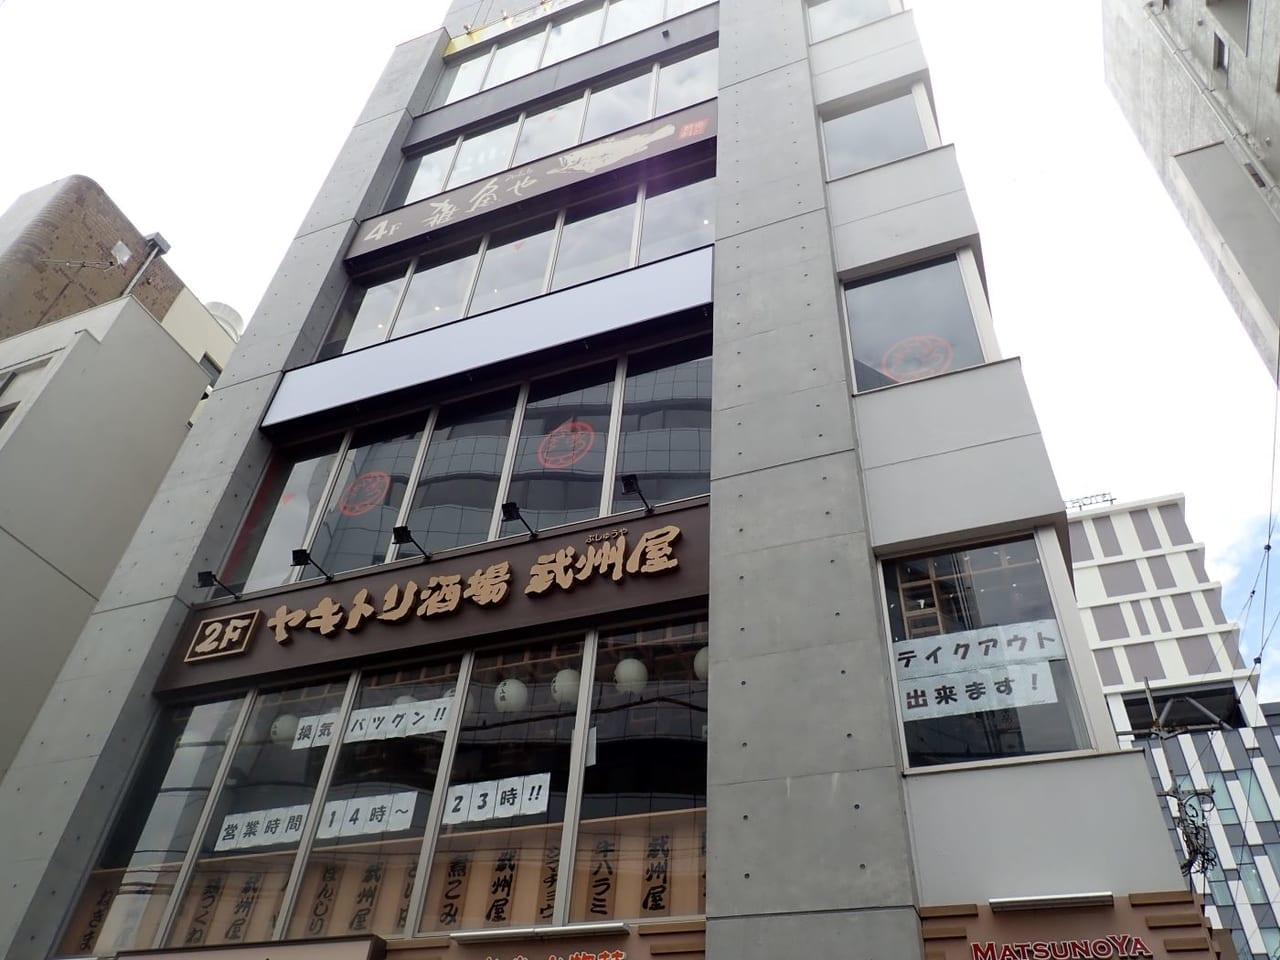 2021年4月に閉店した『鳥貴族』の川越西口店